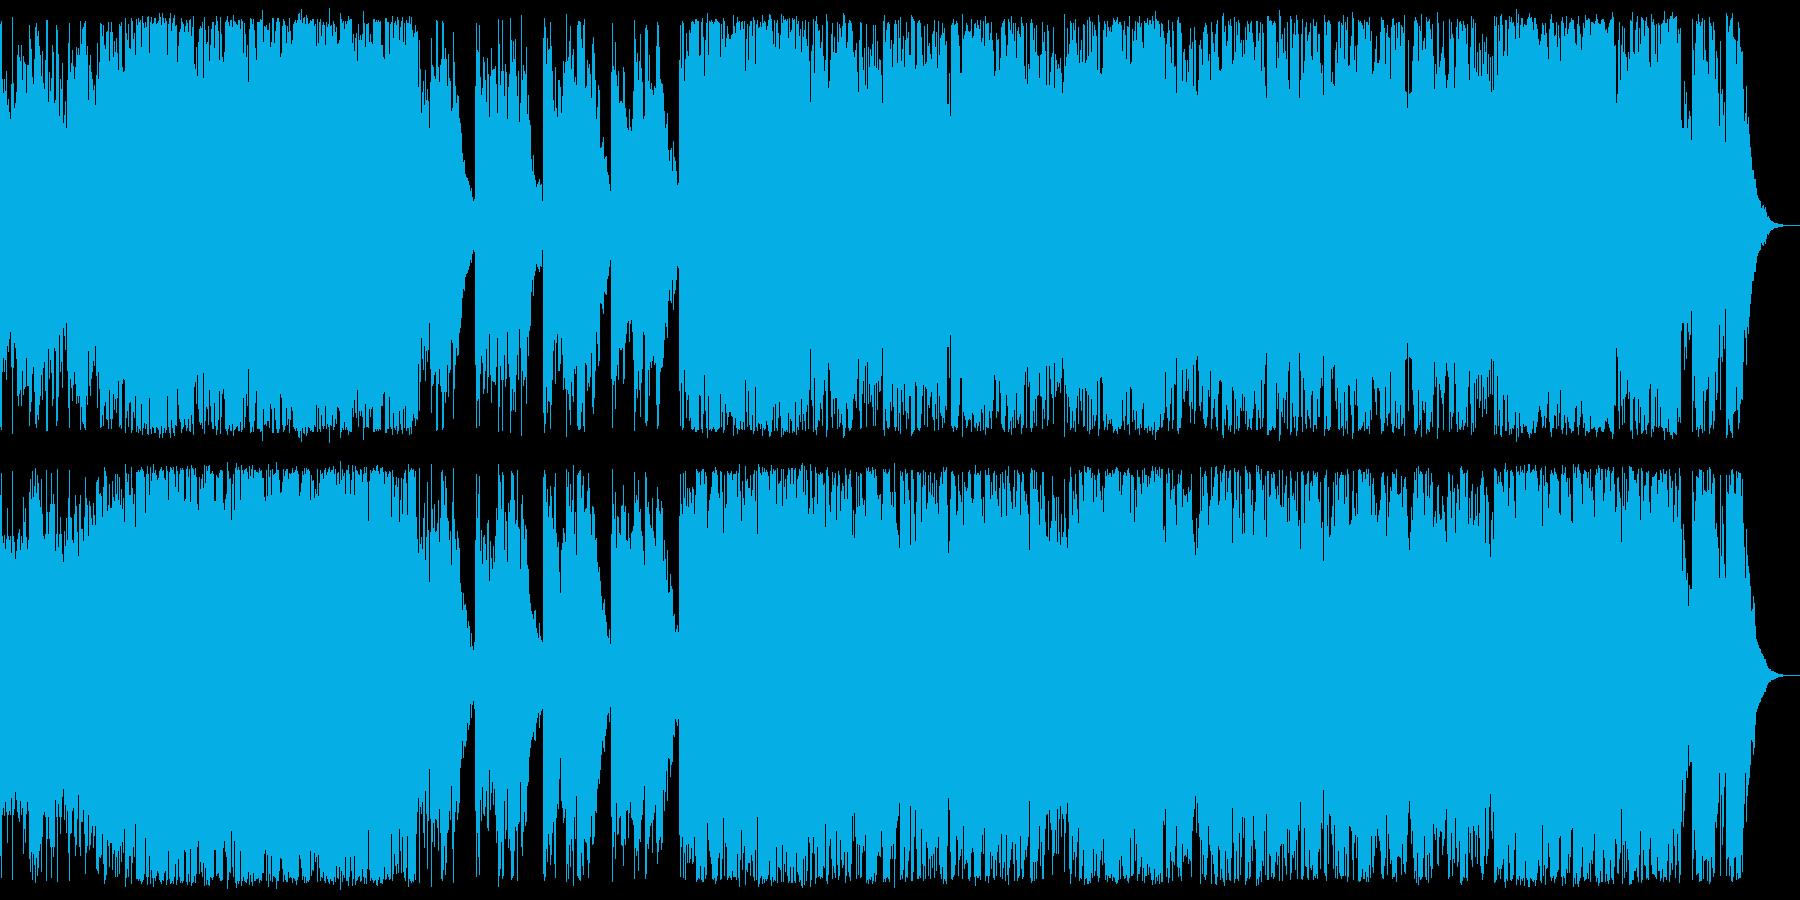 ハロウィン系 ポップで怪しい感じのBGMの再生済みの波形